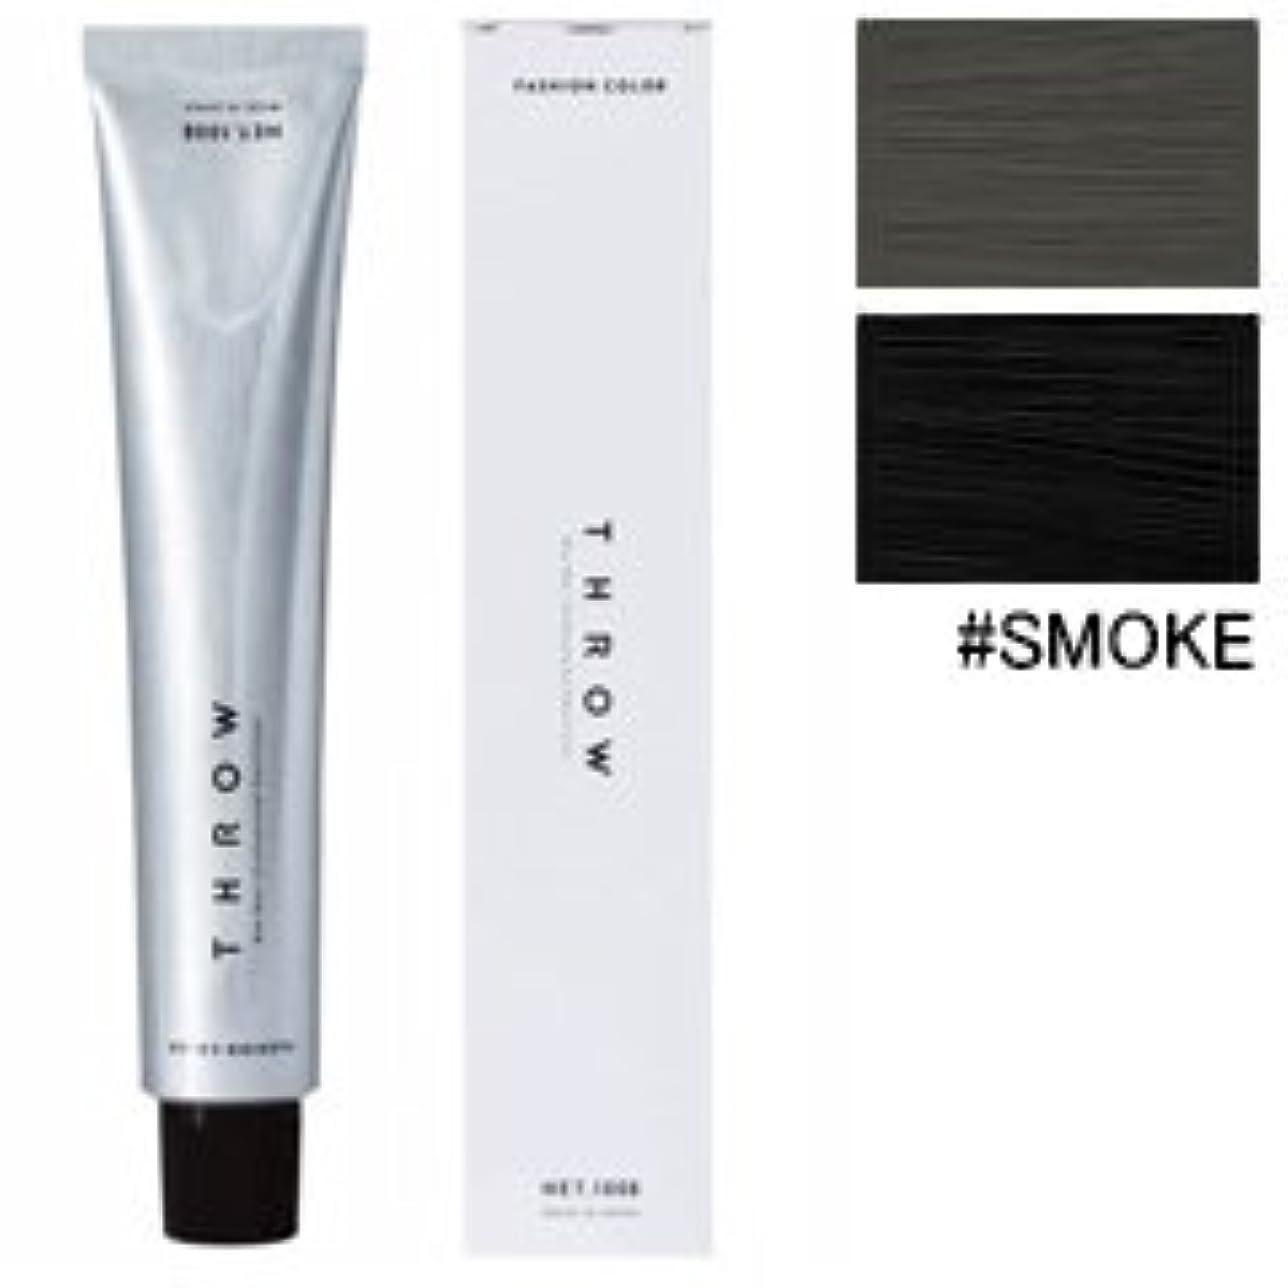 ランチ息苦しいビット【モルトベーネ】スロウ ファッションカラー #SMOKE 100g